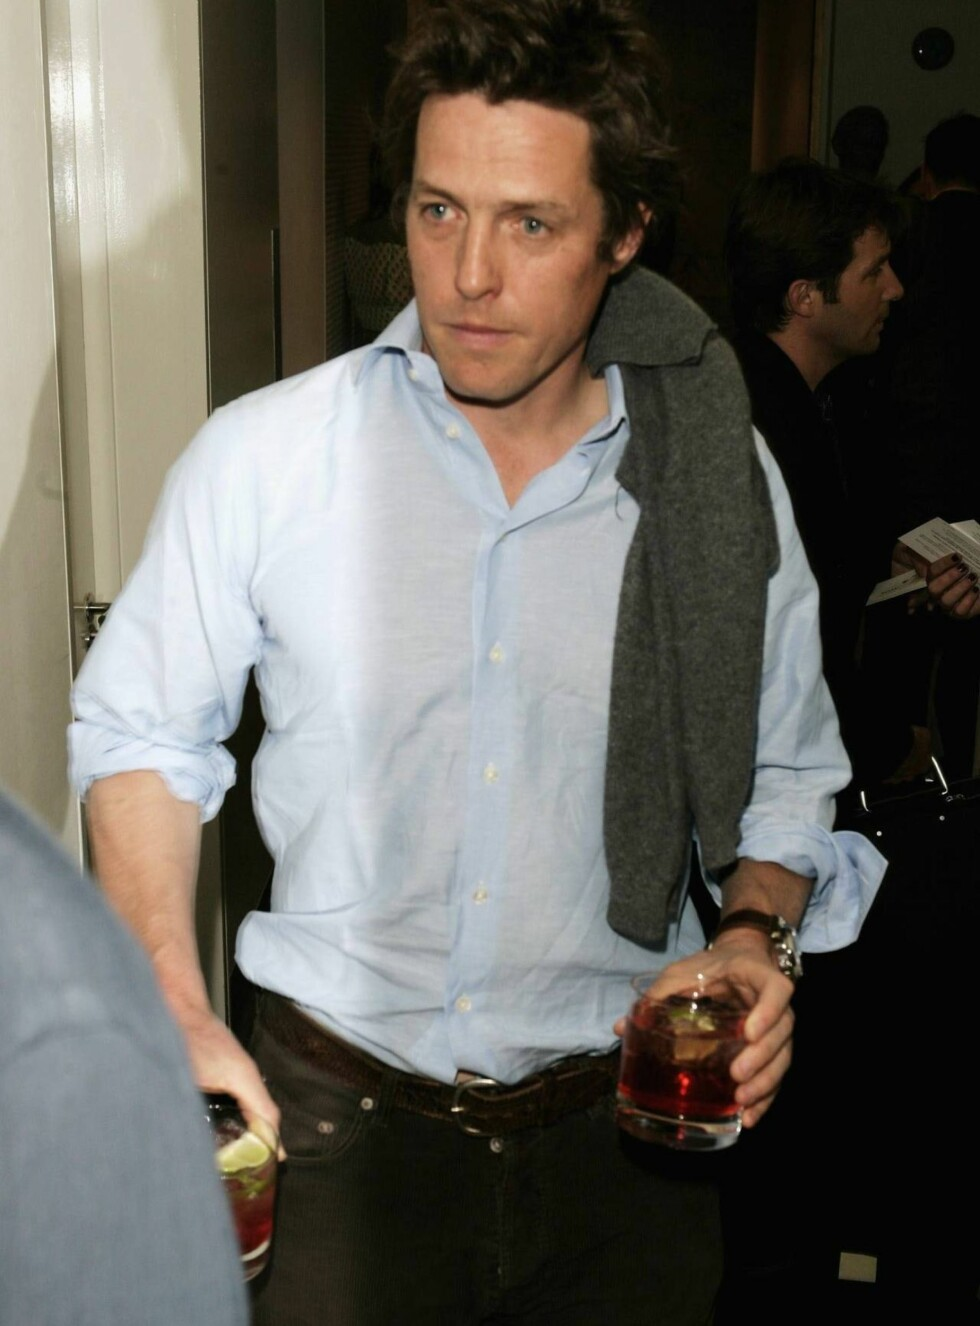 IKKE INVITERT: Hugh Grant får ikke være med å feire ekskjærestens bryllup. Foto: All Over Press